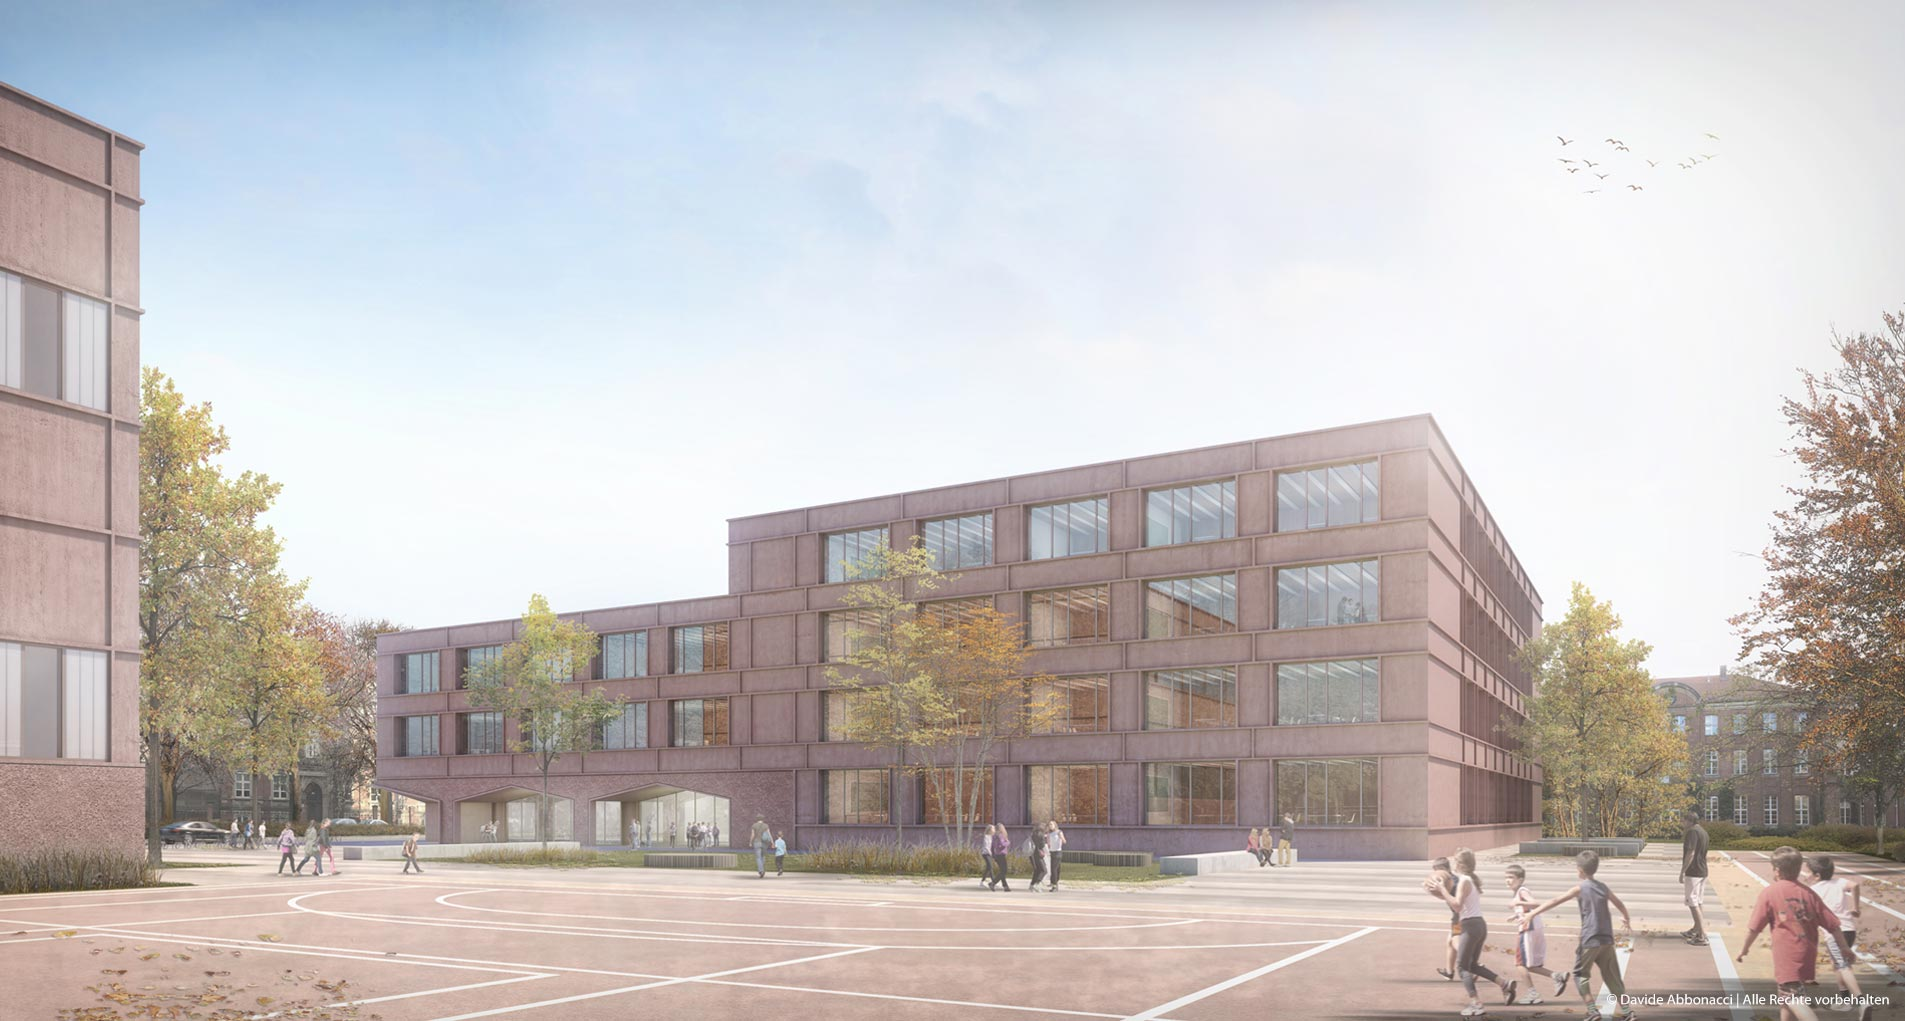 Modulare Grundschulen, Reinickendorfer Straße, Berlin | Numrich Albrecht Klumpp Architekten | 2018 Wettbewerbsvisualisierung